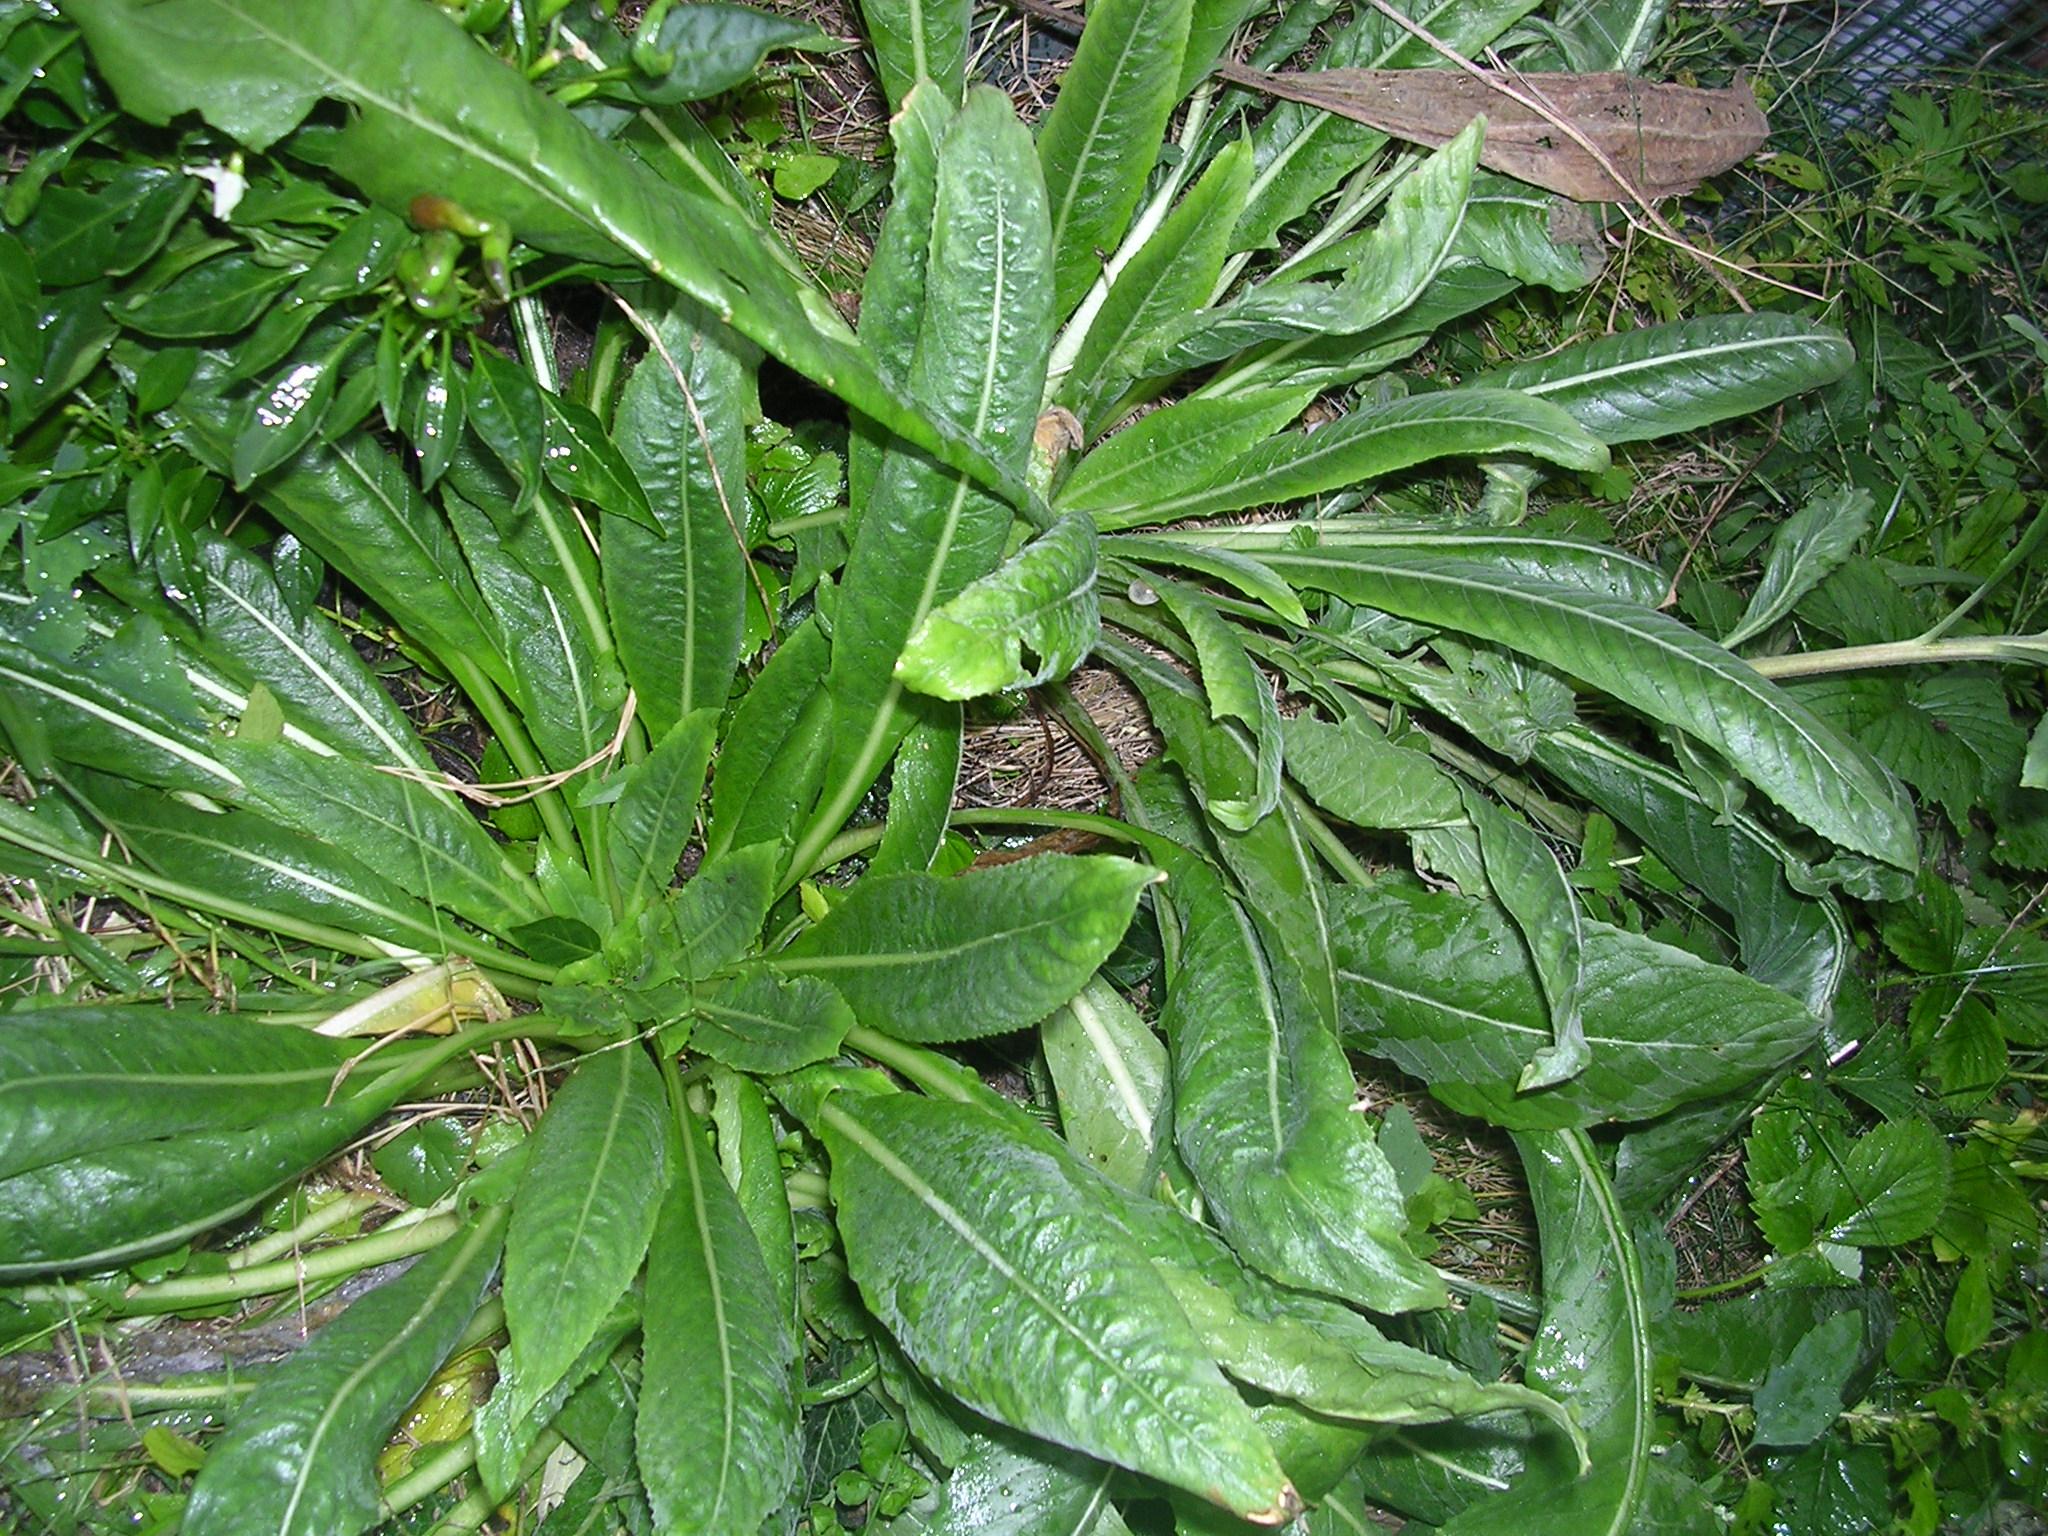 Oenothera-biennis-rosette.jpg